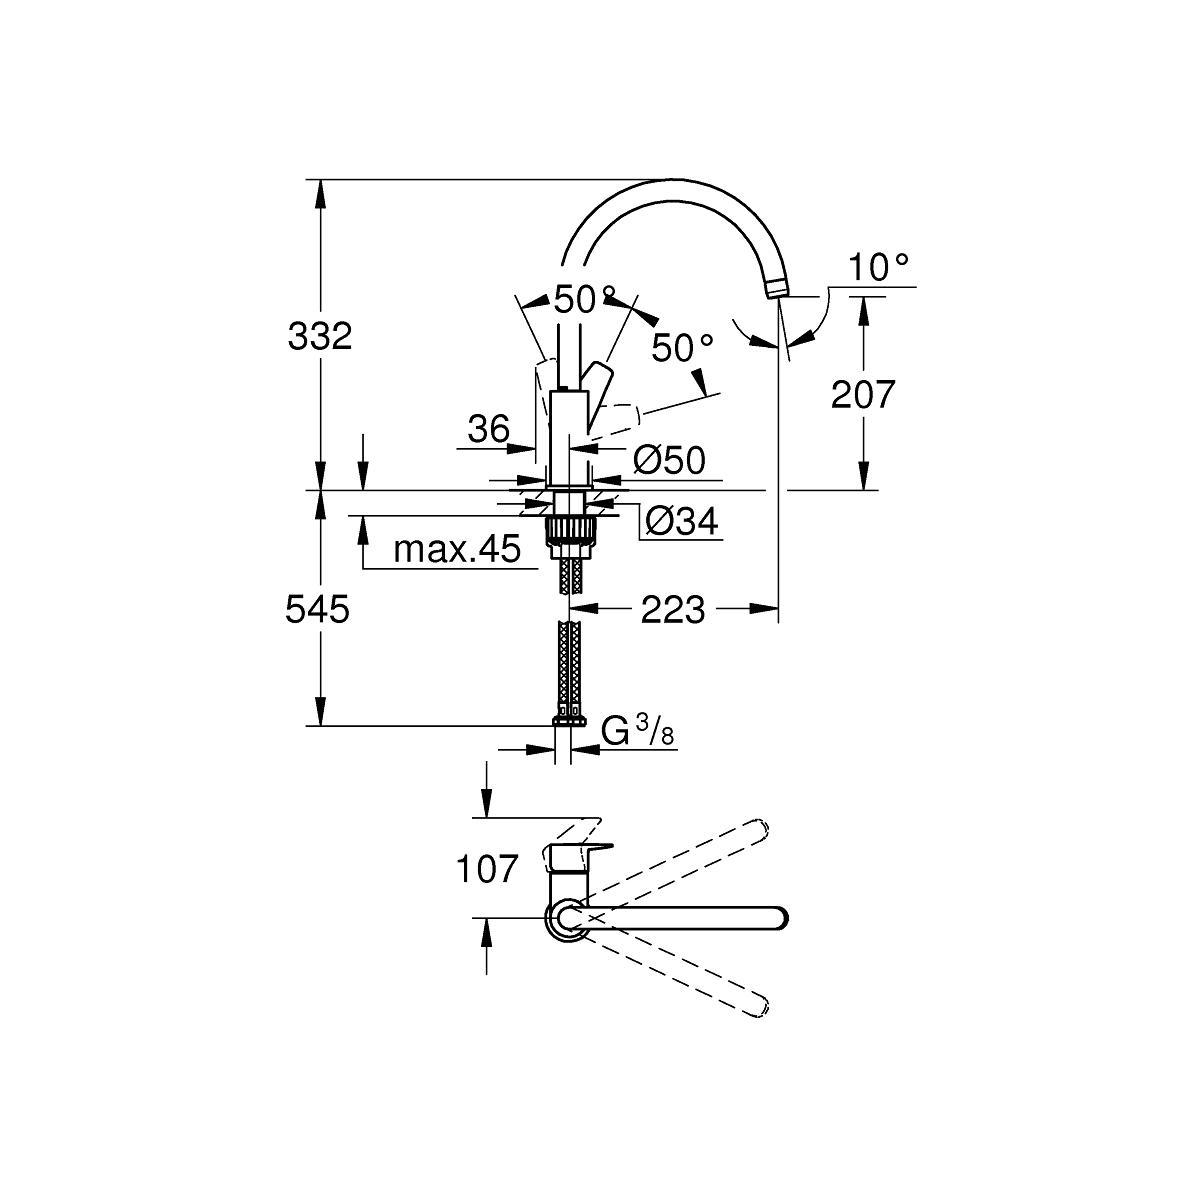 Grohe Bauedge Einhand Spultischbatterie Dn 15 Chrom 31367001 Von Grohe Bei Elektroshop Wagner